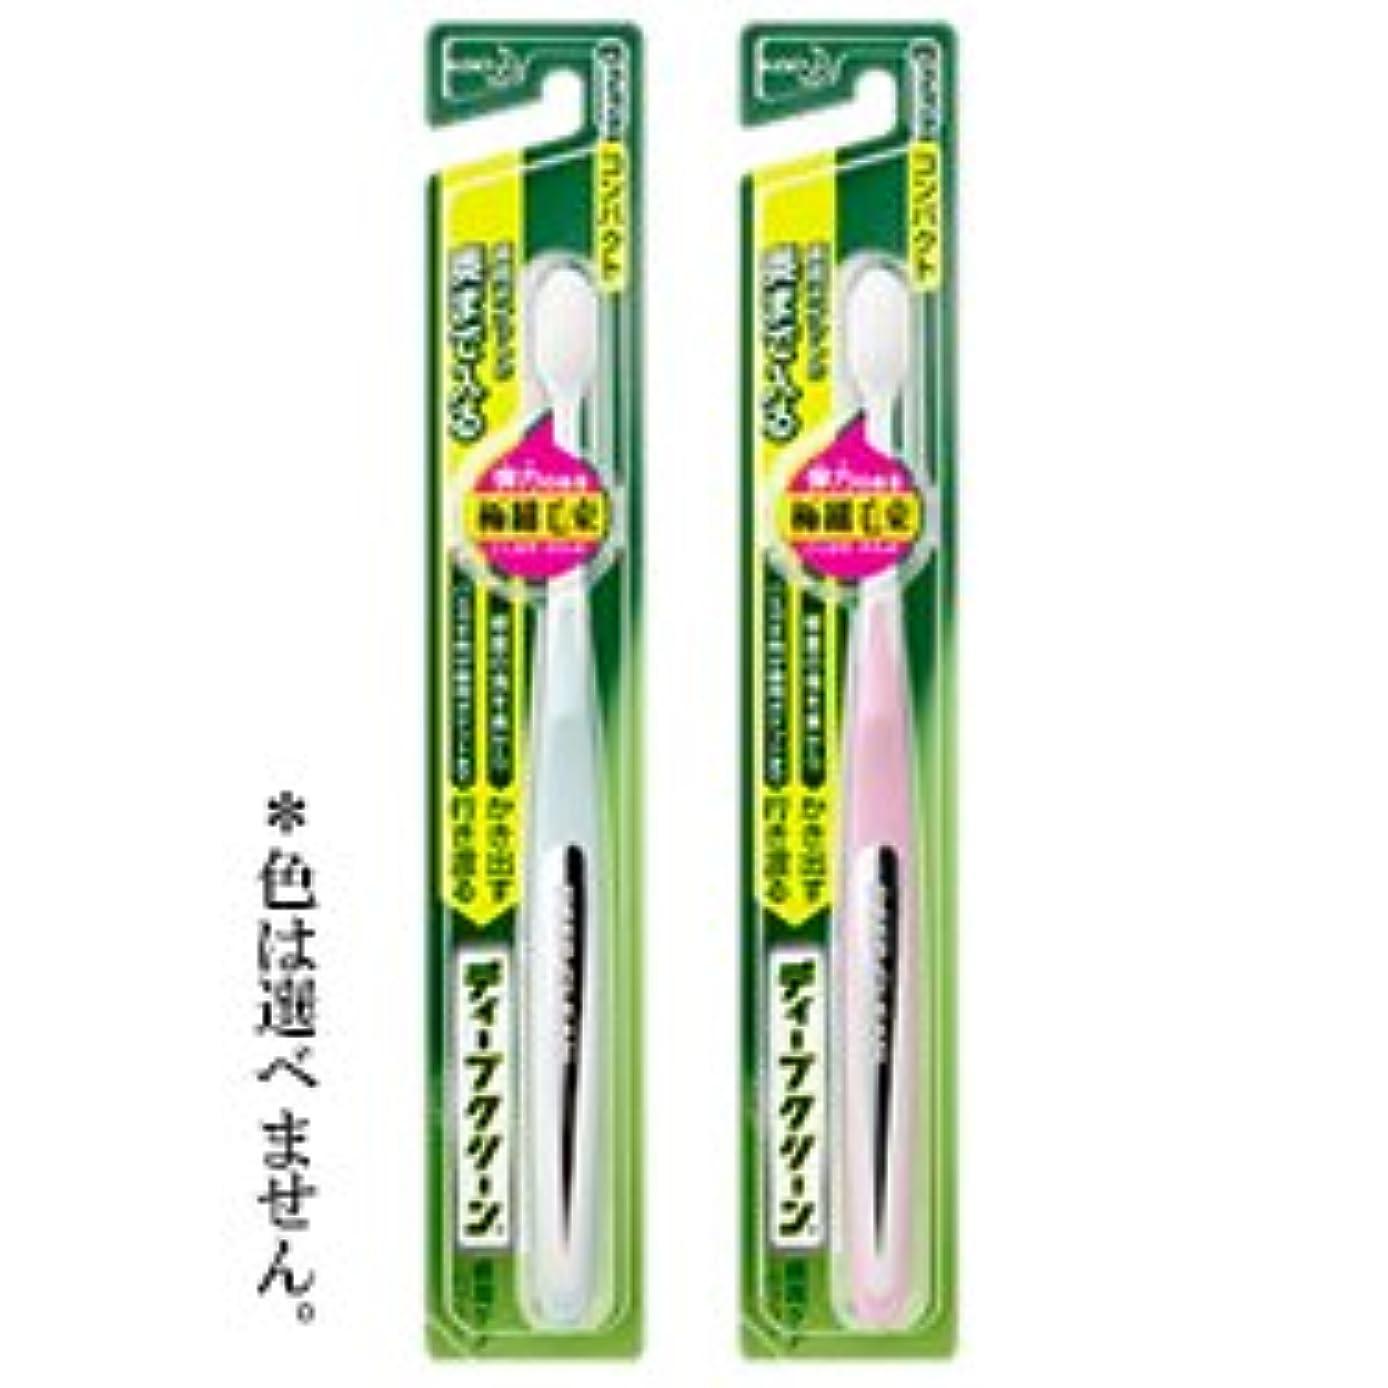 【花王】ディープクリーン ハブラシコンパクト <ふつう> 1本入 ×20個セット